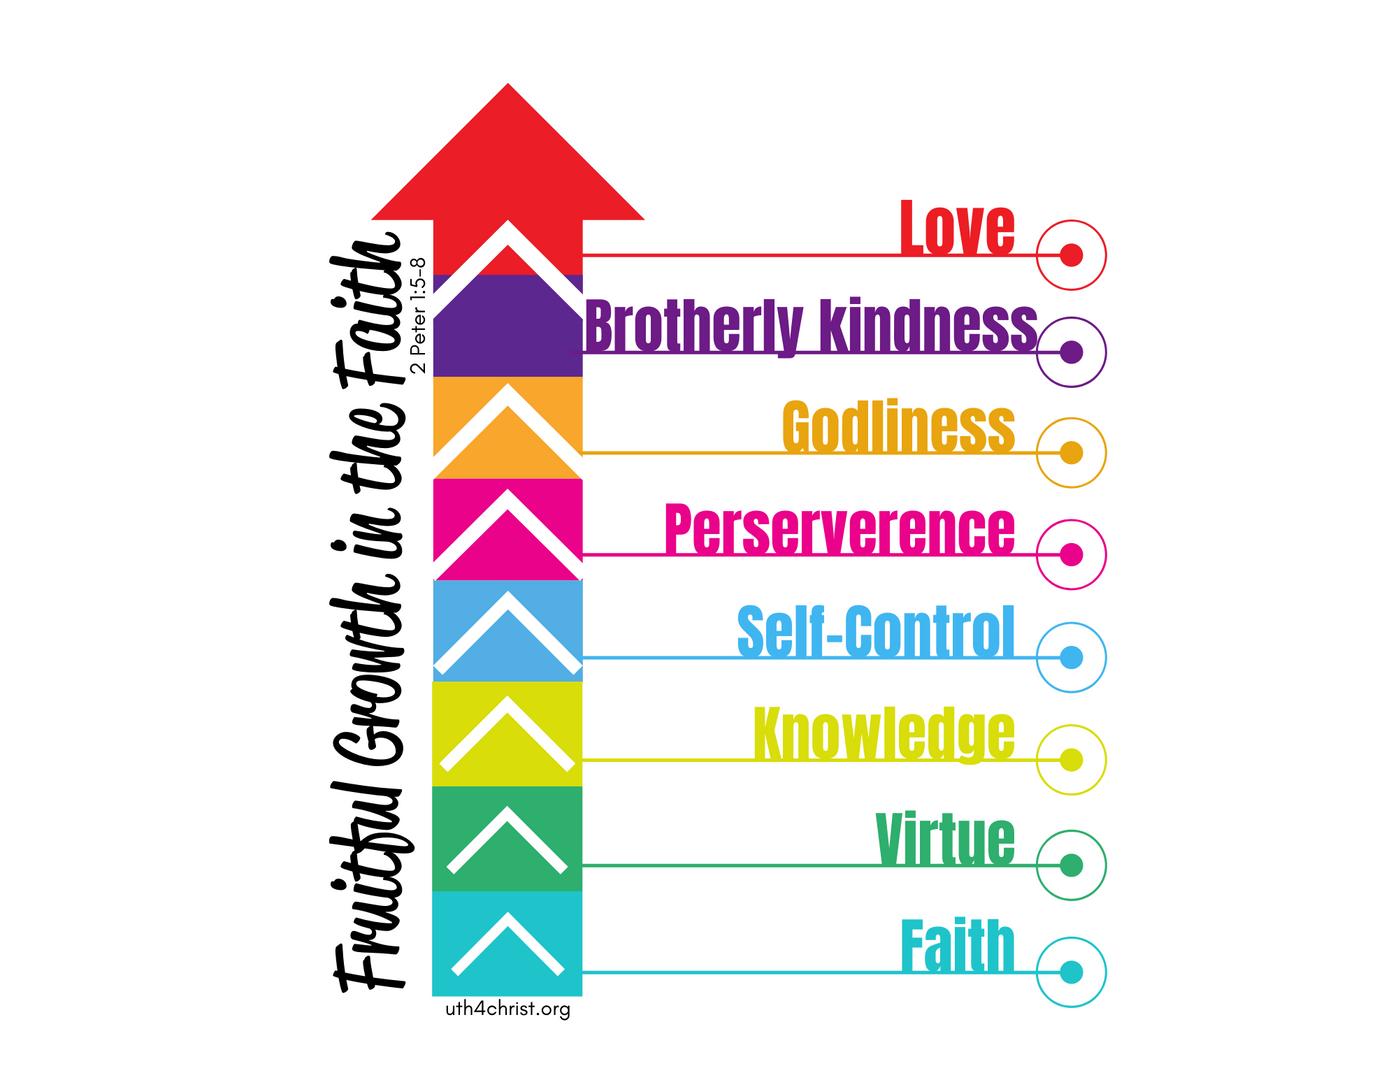 Fruitful Growth in the Faith